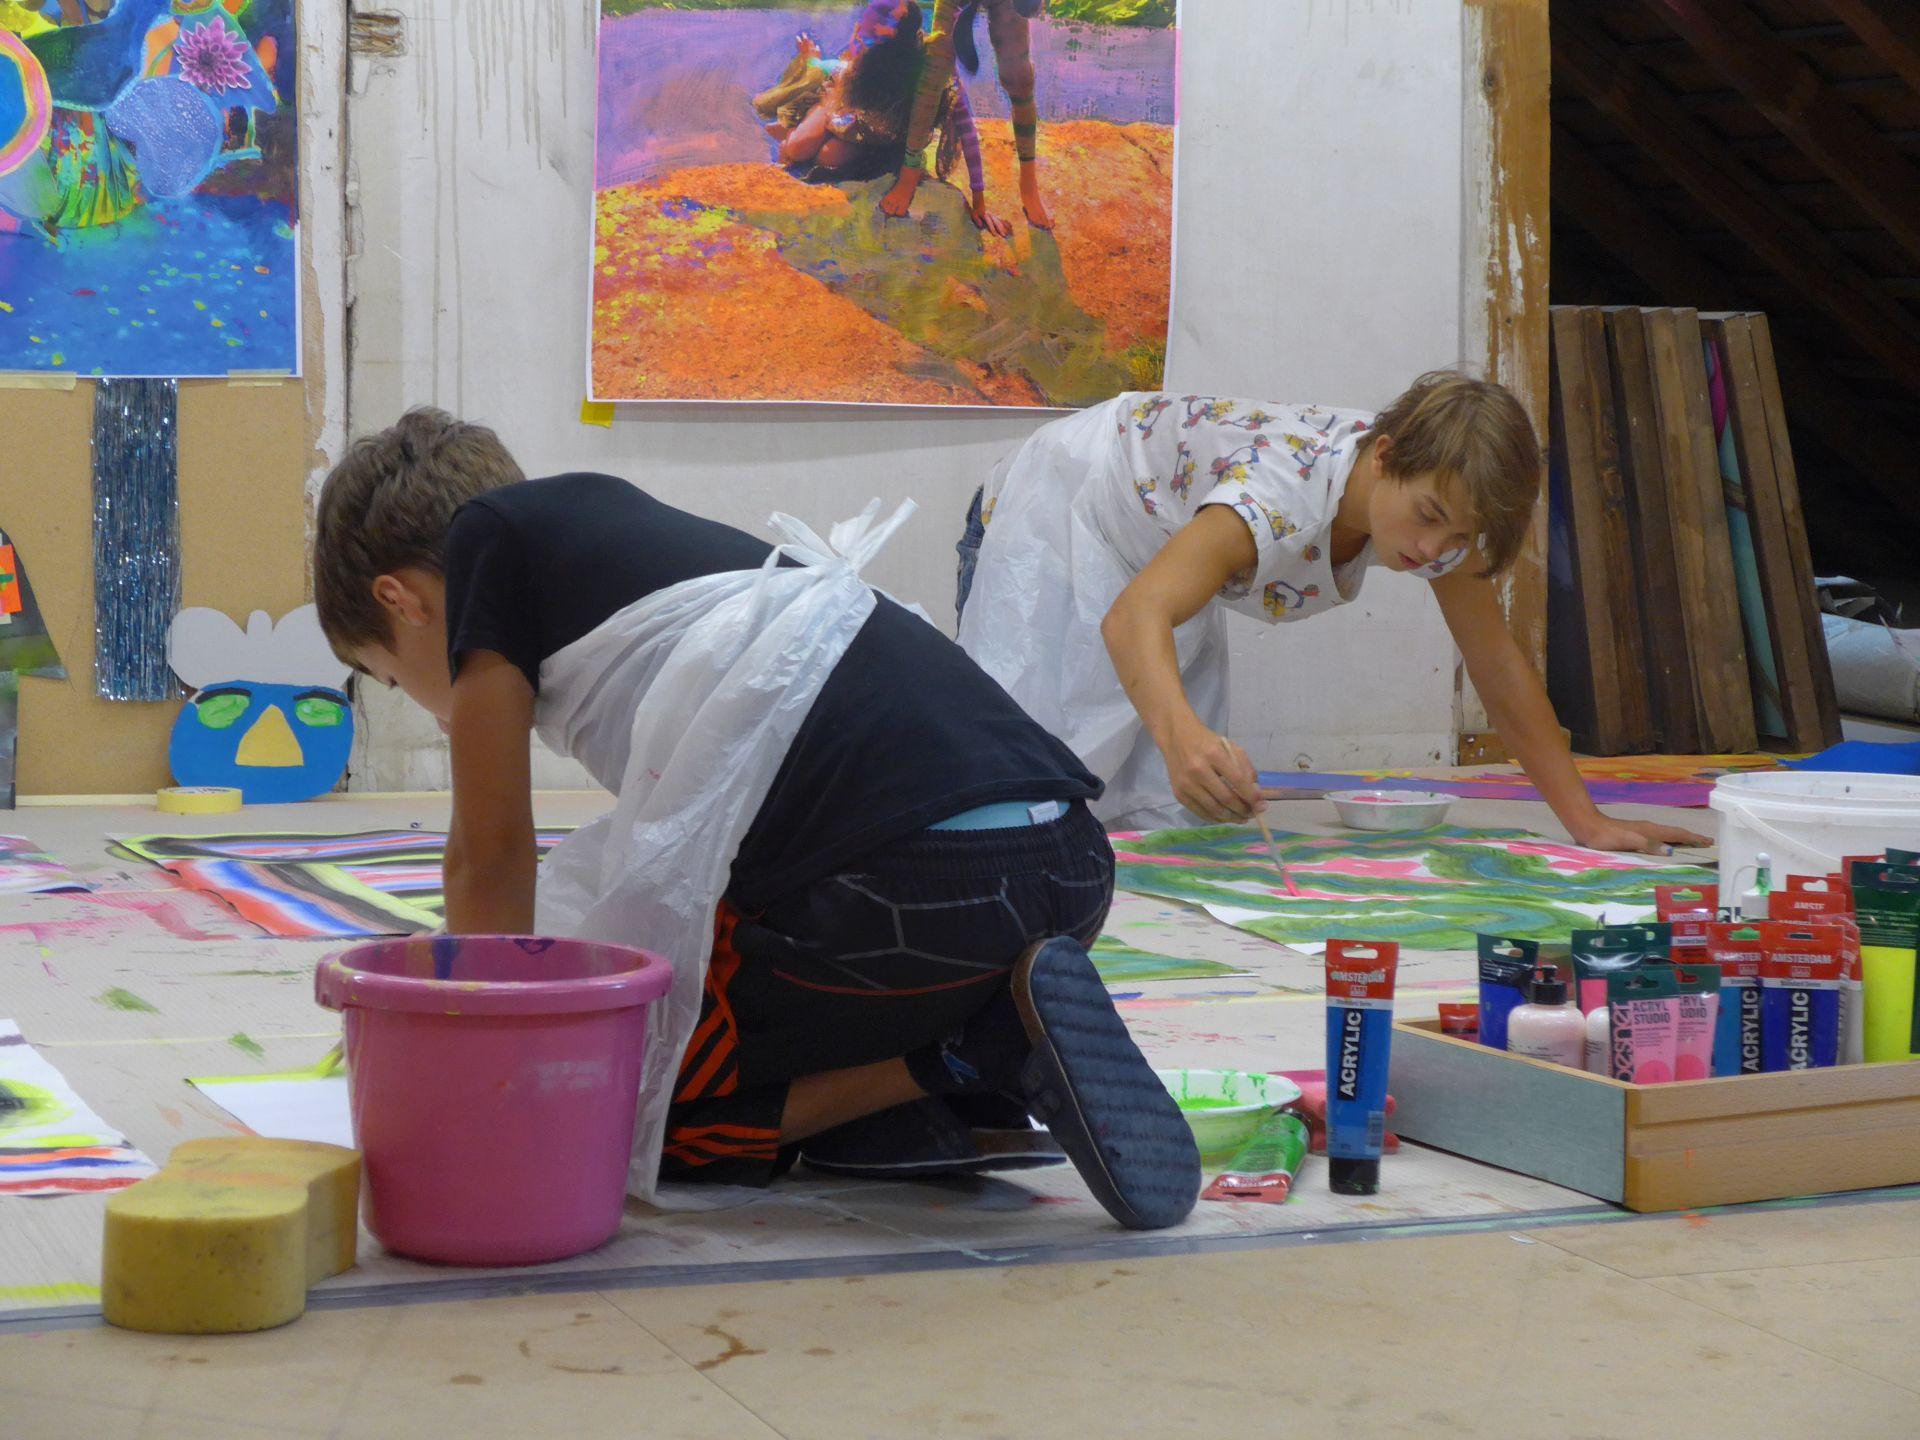 Zwei Buben knien am Boden und malen